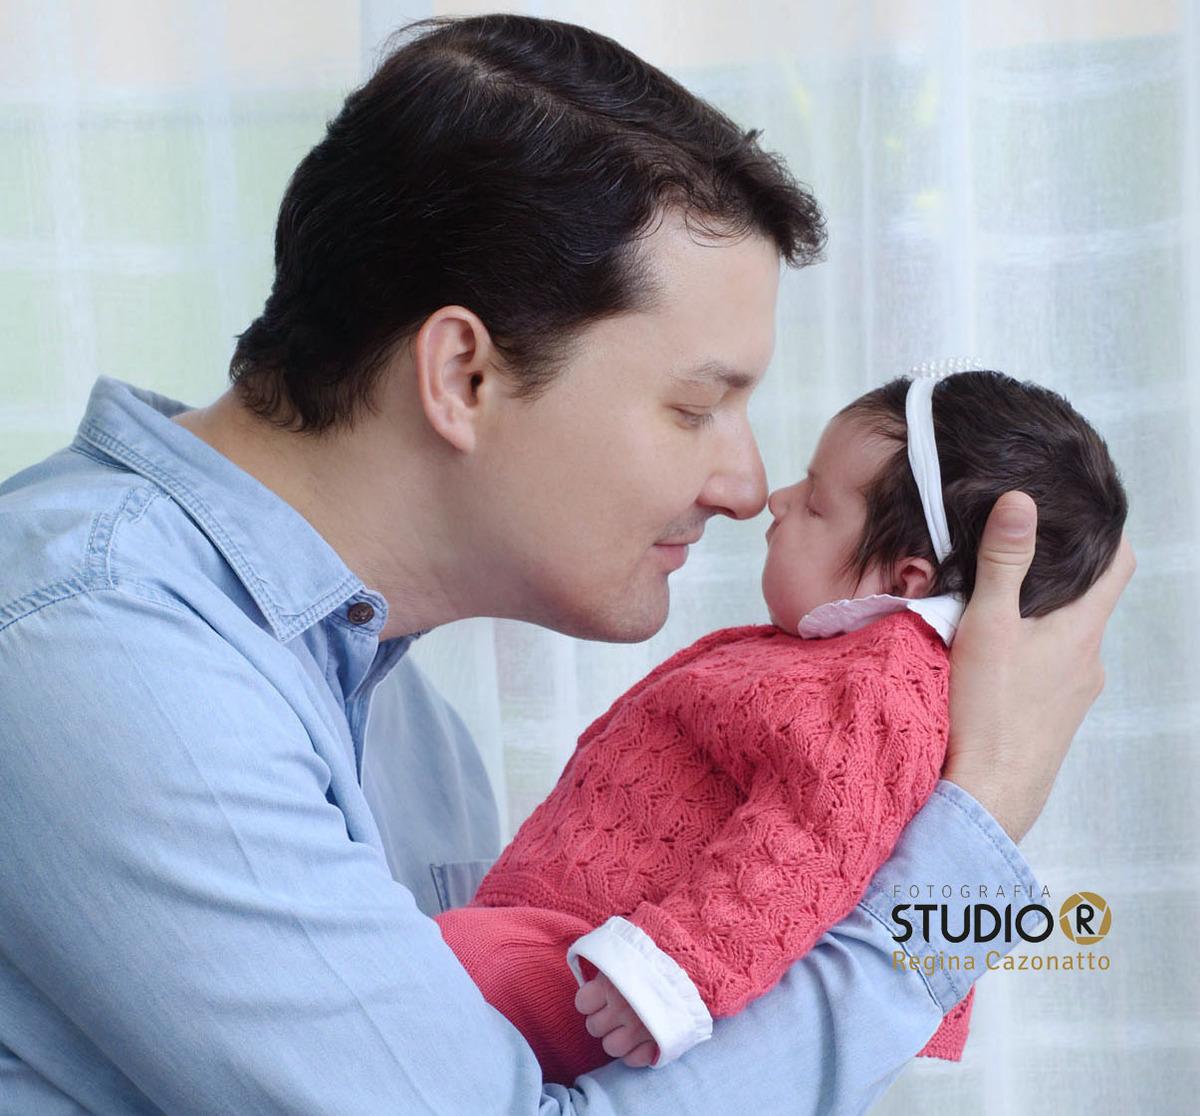 Imagem capa - Qual é o papel do pai nos primeiros meses do bebê? Esse período não é só seu. Veja como o pai também pode - e deve - participar por Regina Cazonatto